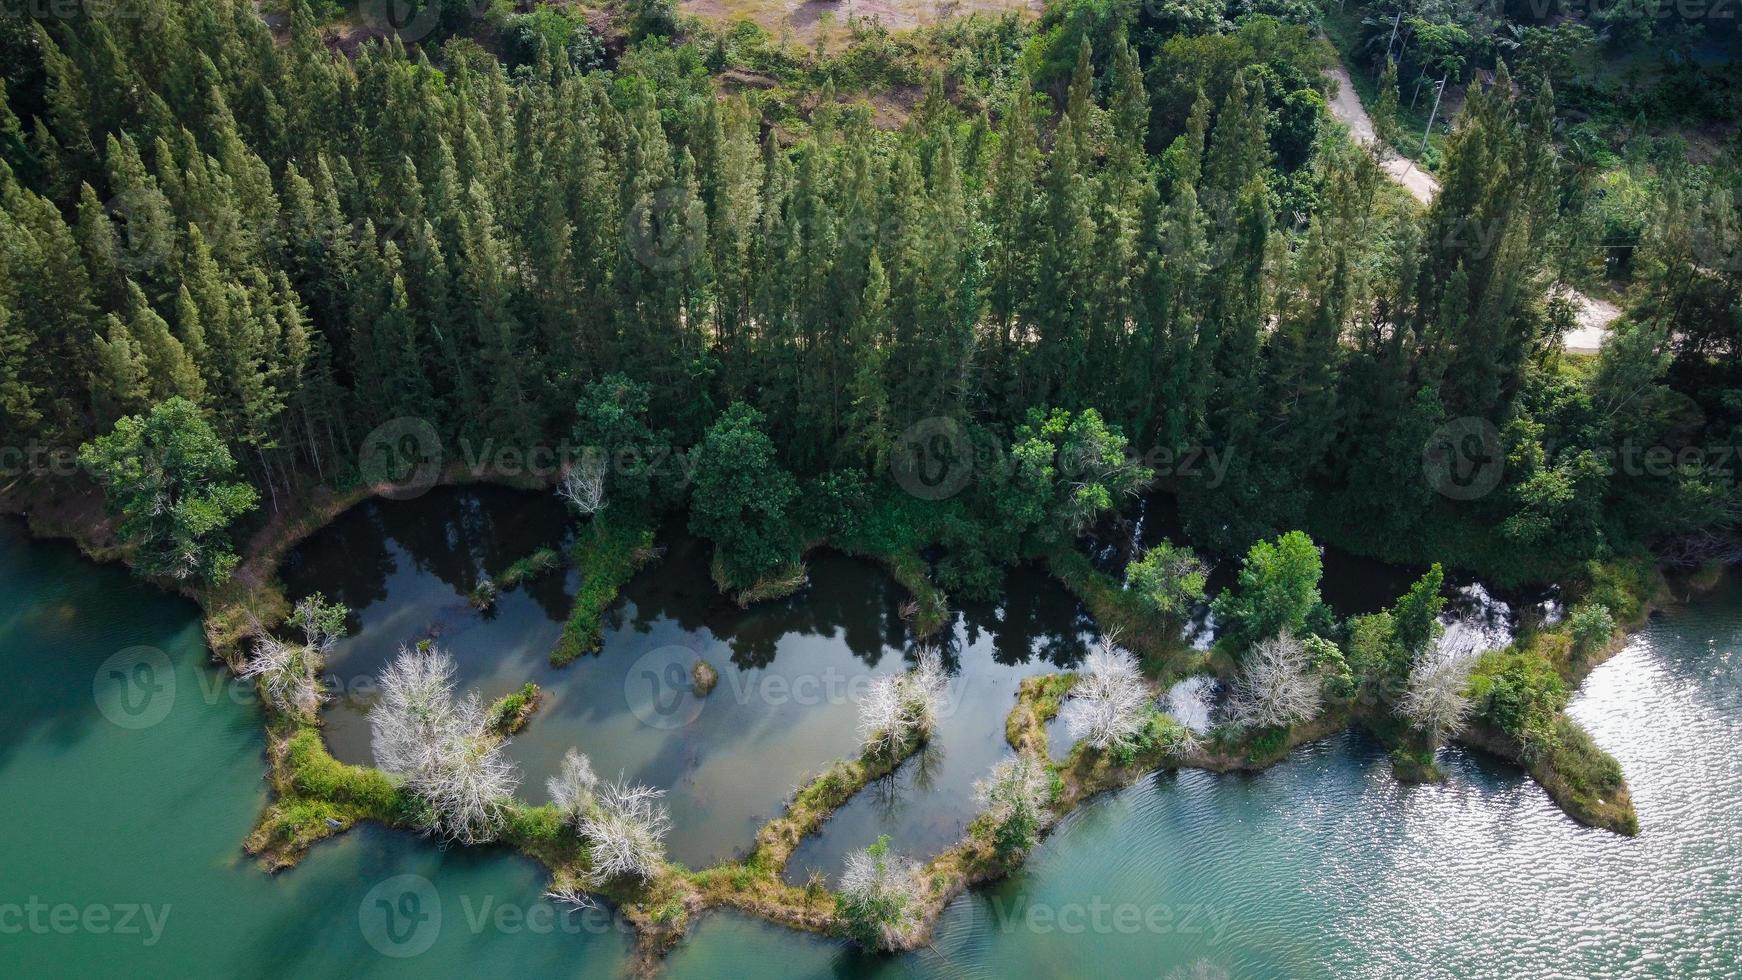 vista aérea do lago e da floresta de pinheiros no parque público de liwong, chana, Tailândia foto